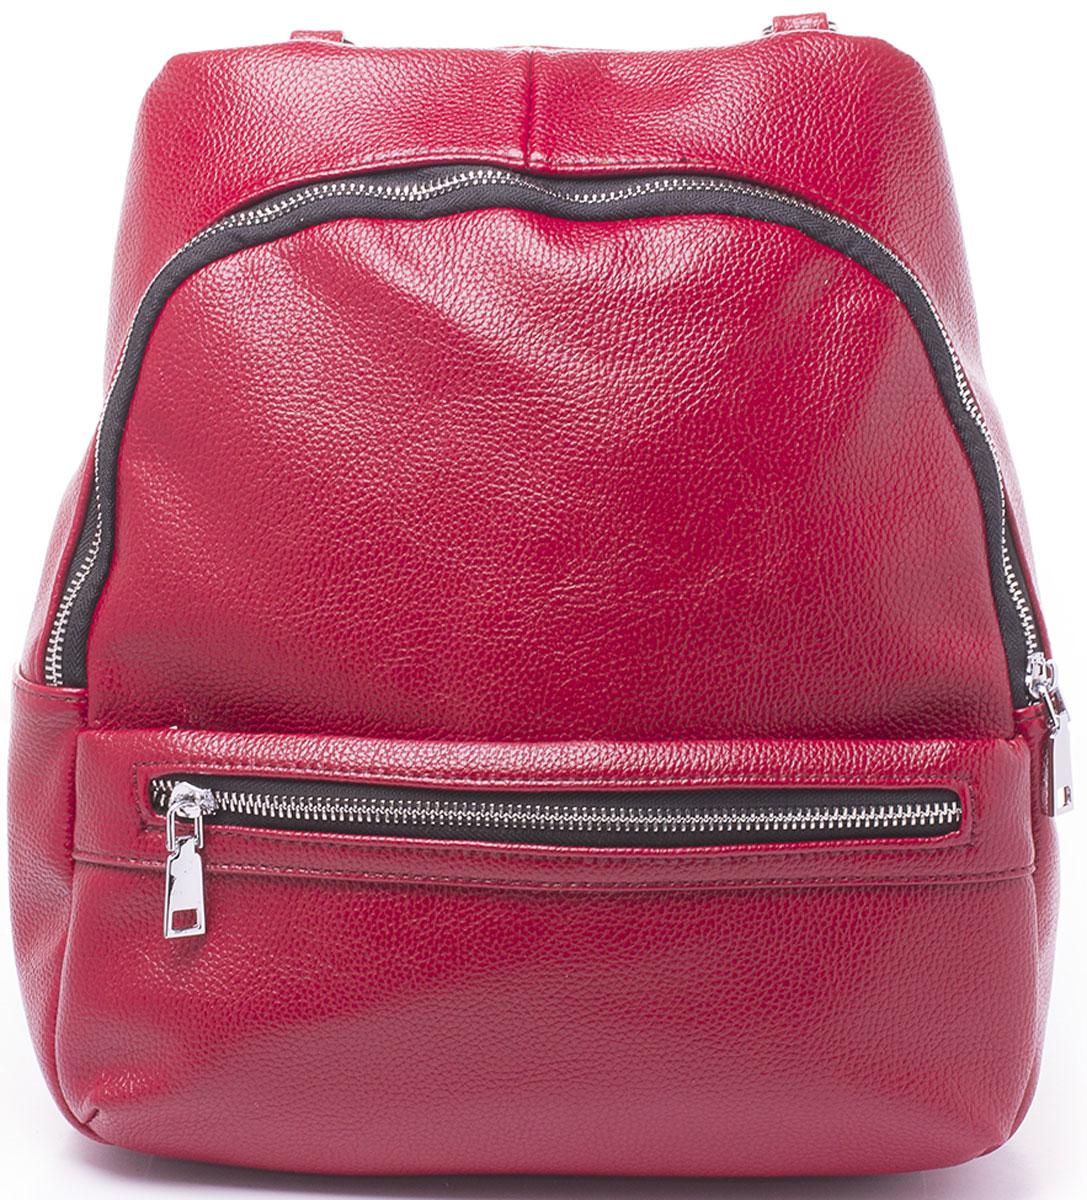 Рюкзак женский Baggini, цвет: красный. 29909/6929909/69Рюкзак Baggini - модное и практичное решение. Рюкзак можно носить как на регулируемых по длине лямках, так и на наплечном ремне, как сумку. Изделие выполнено из экокожи и имеет одно большое отделение внутри, которое застегивается на молнию. Само отделение вмещает в себя еще три кармана: два накладных кармашка для телефона и мелочей и один прорезной на застежке-молнии. Так же рюкзак оснащен двумя находящимися рядом карманами спереди и одним сзади, оба на застежке-молнии.